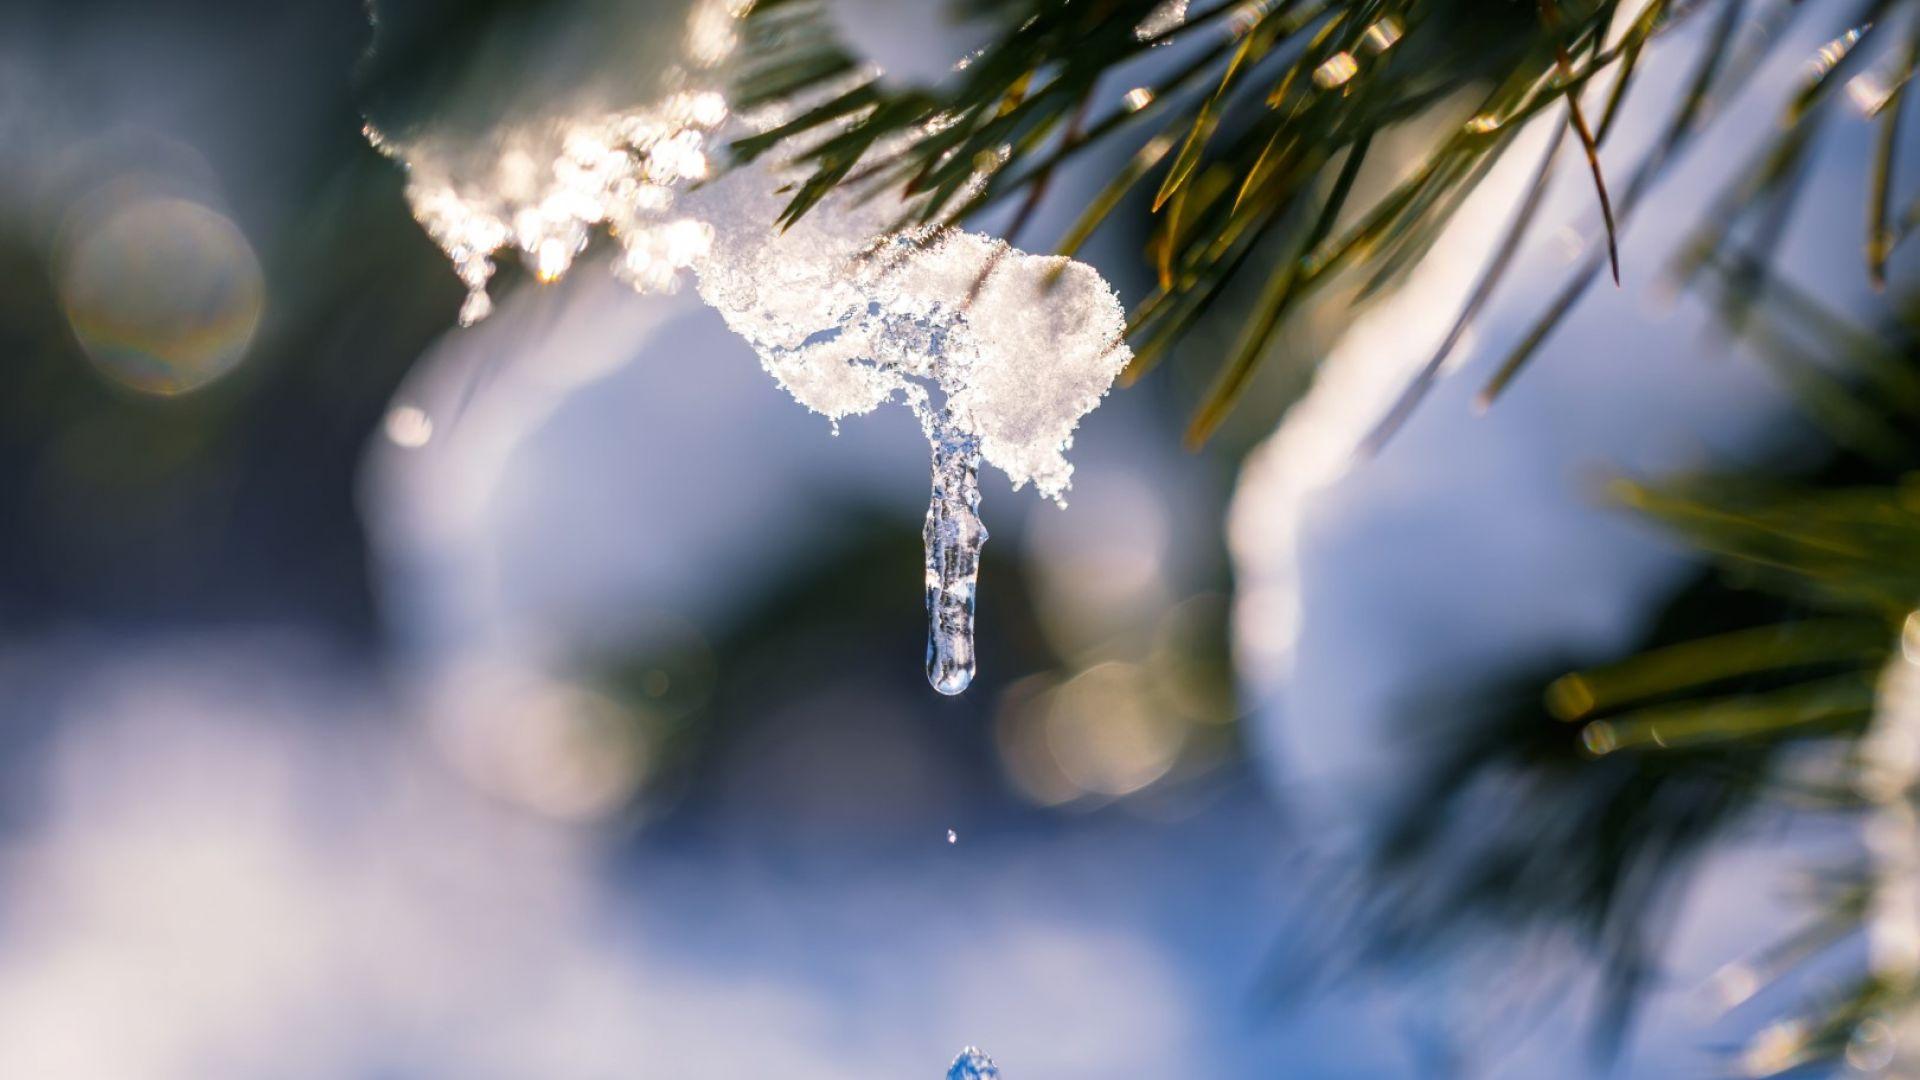 Започва постепенно затопляне, идват и валежи от дъжд